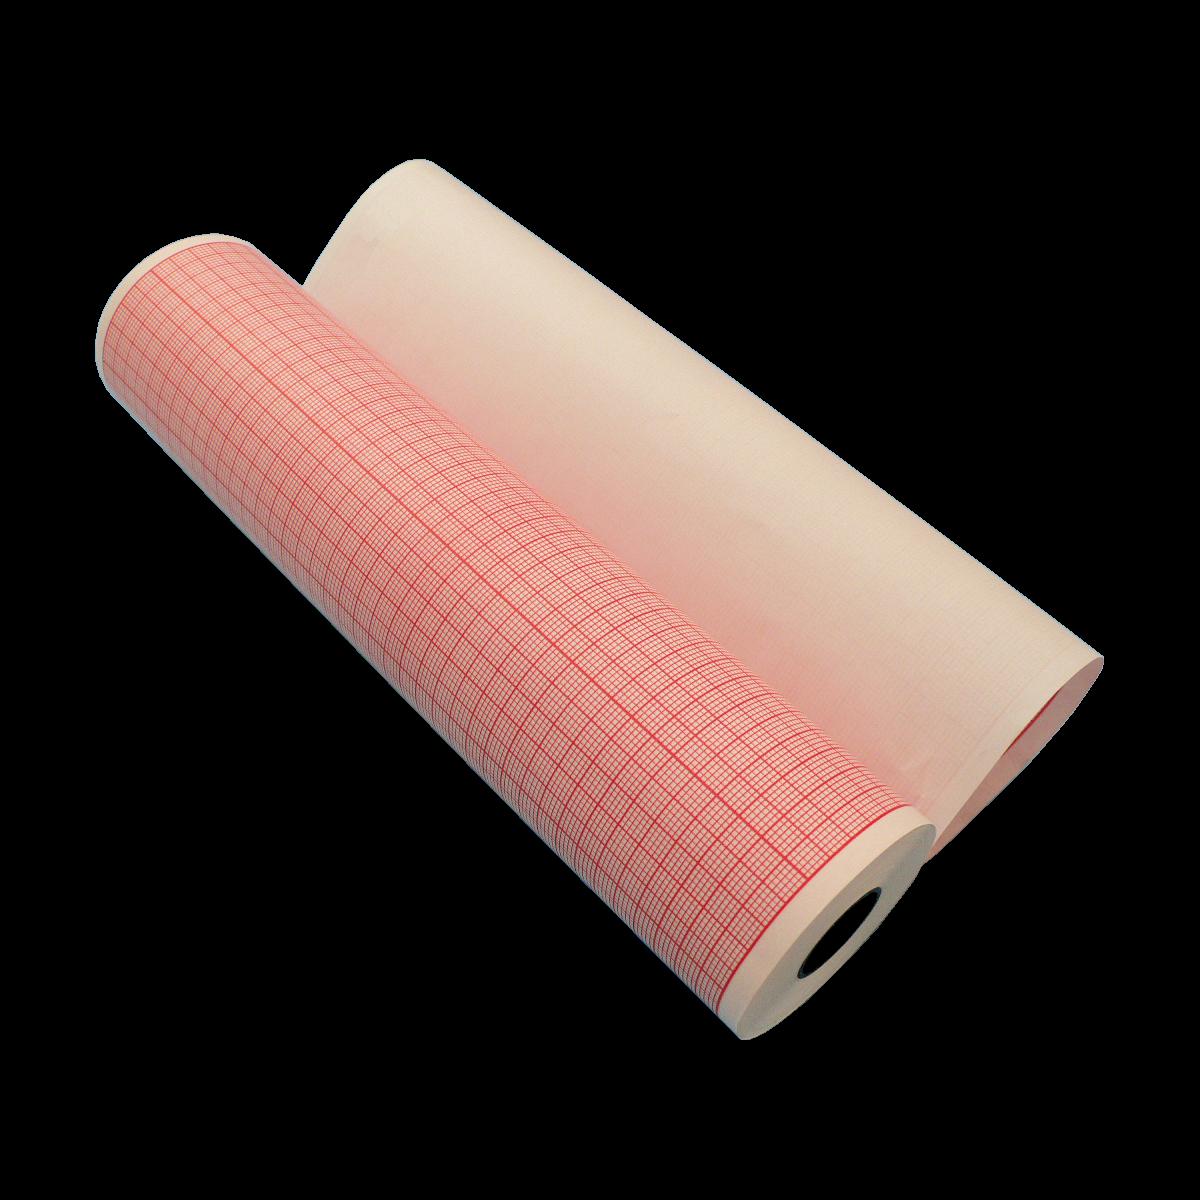 145х30х18, бумага ЭКГ для Fucuda, Nihon Kohden, Siemens Sicard, Bosсh, реестр 4054/6